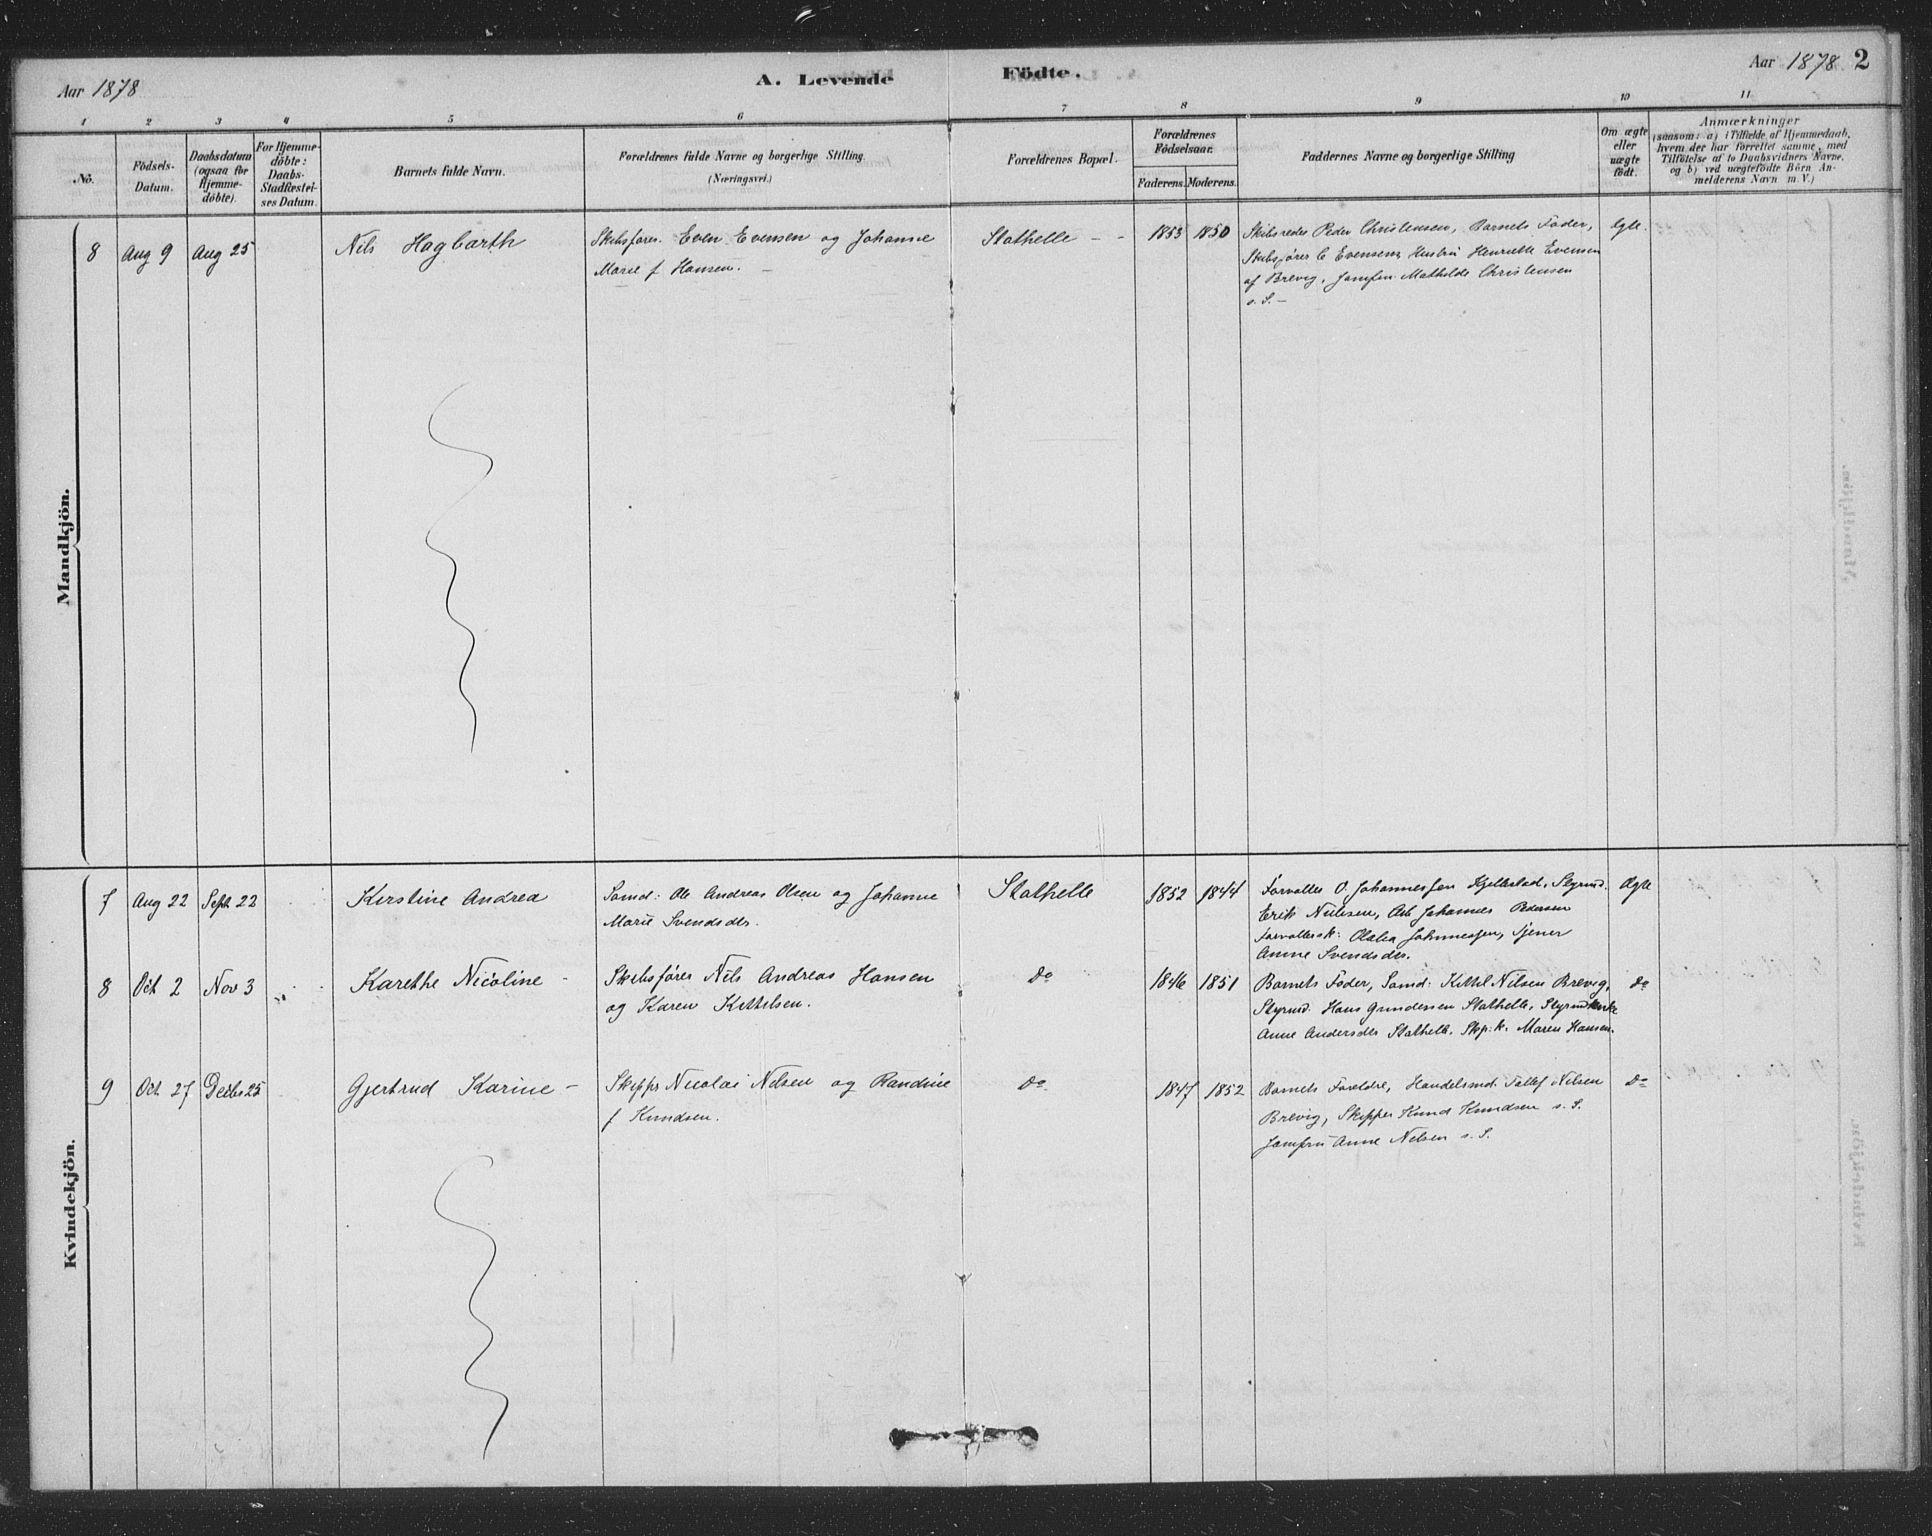 SAKO, Bamble kirkebøker, F/Fb/L0001: Ministerialbok nr. II 1, 1878-1899, s. 2